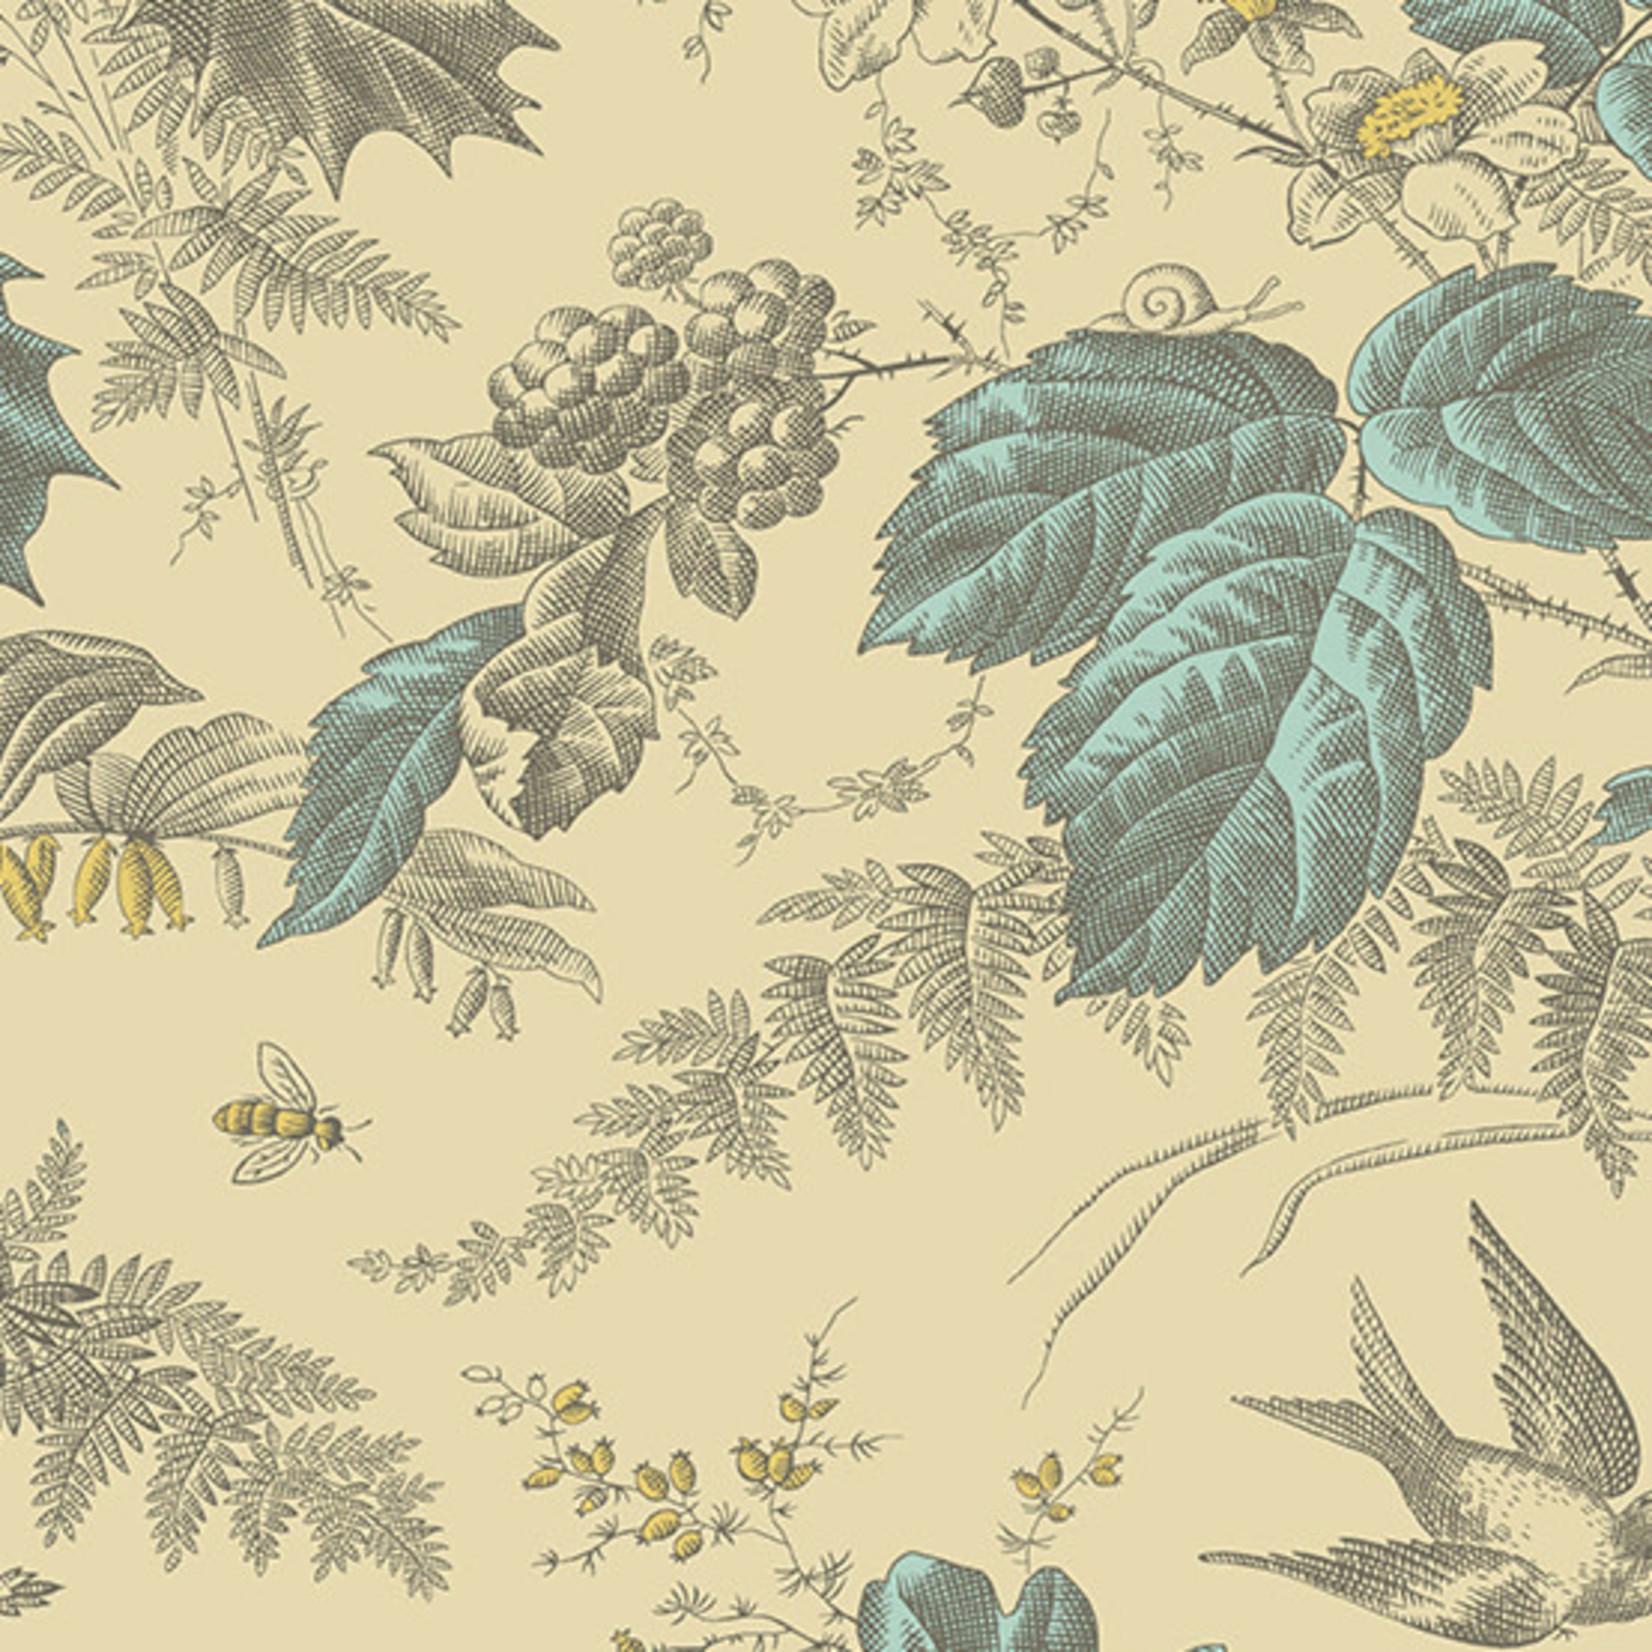 Edyta Sitar Secret Stash - Neutrals, Woodland, Tan (9174-N) $0.20 per cm or $20/m